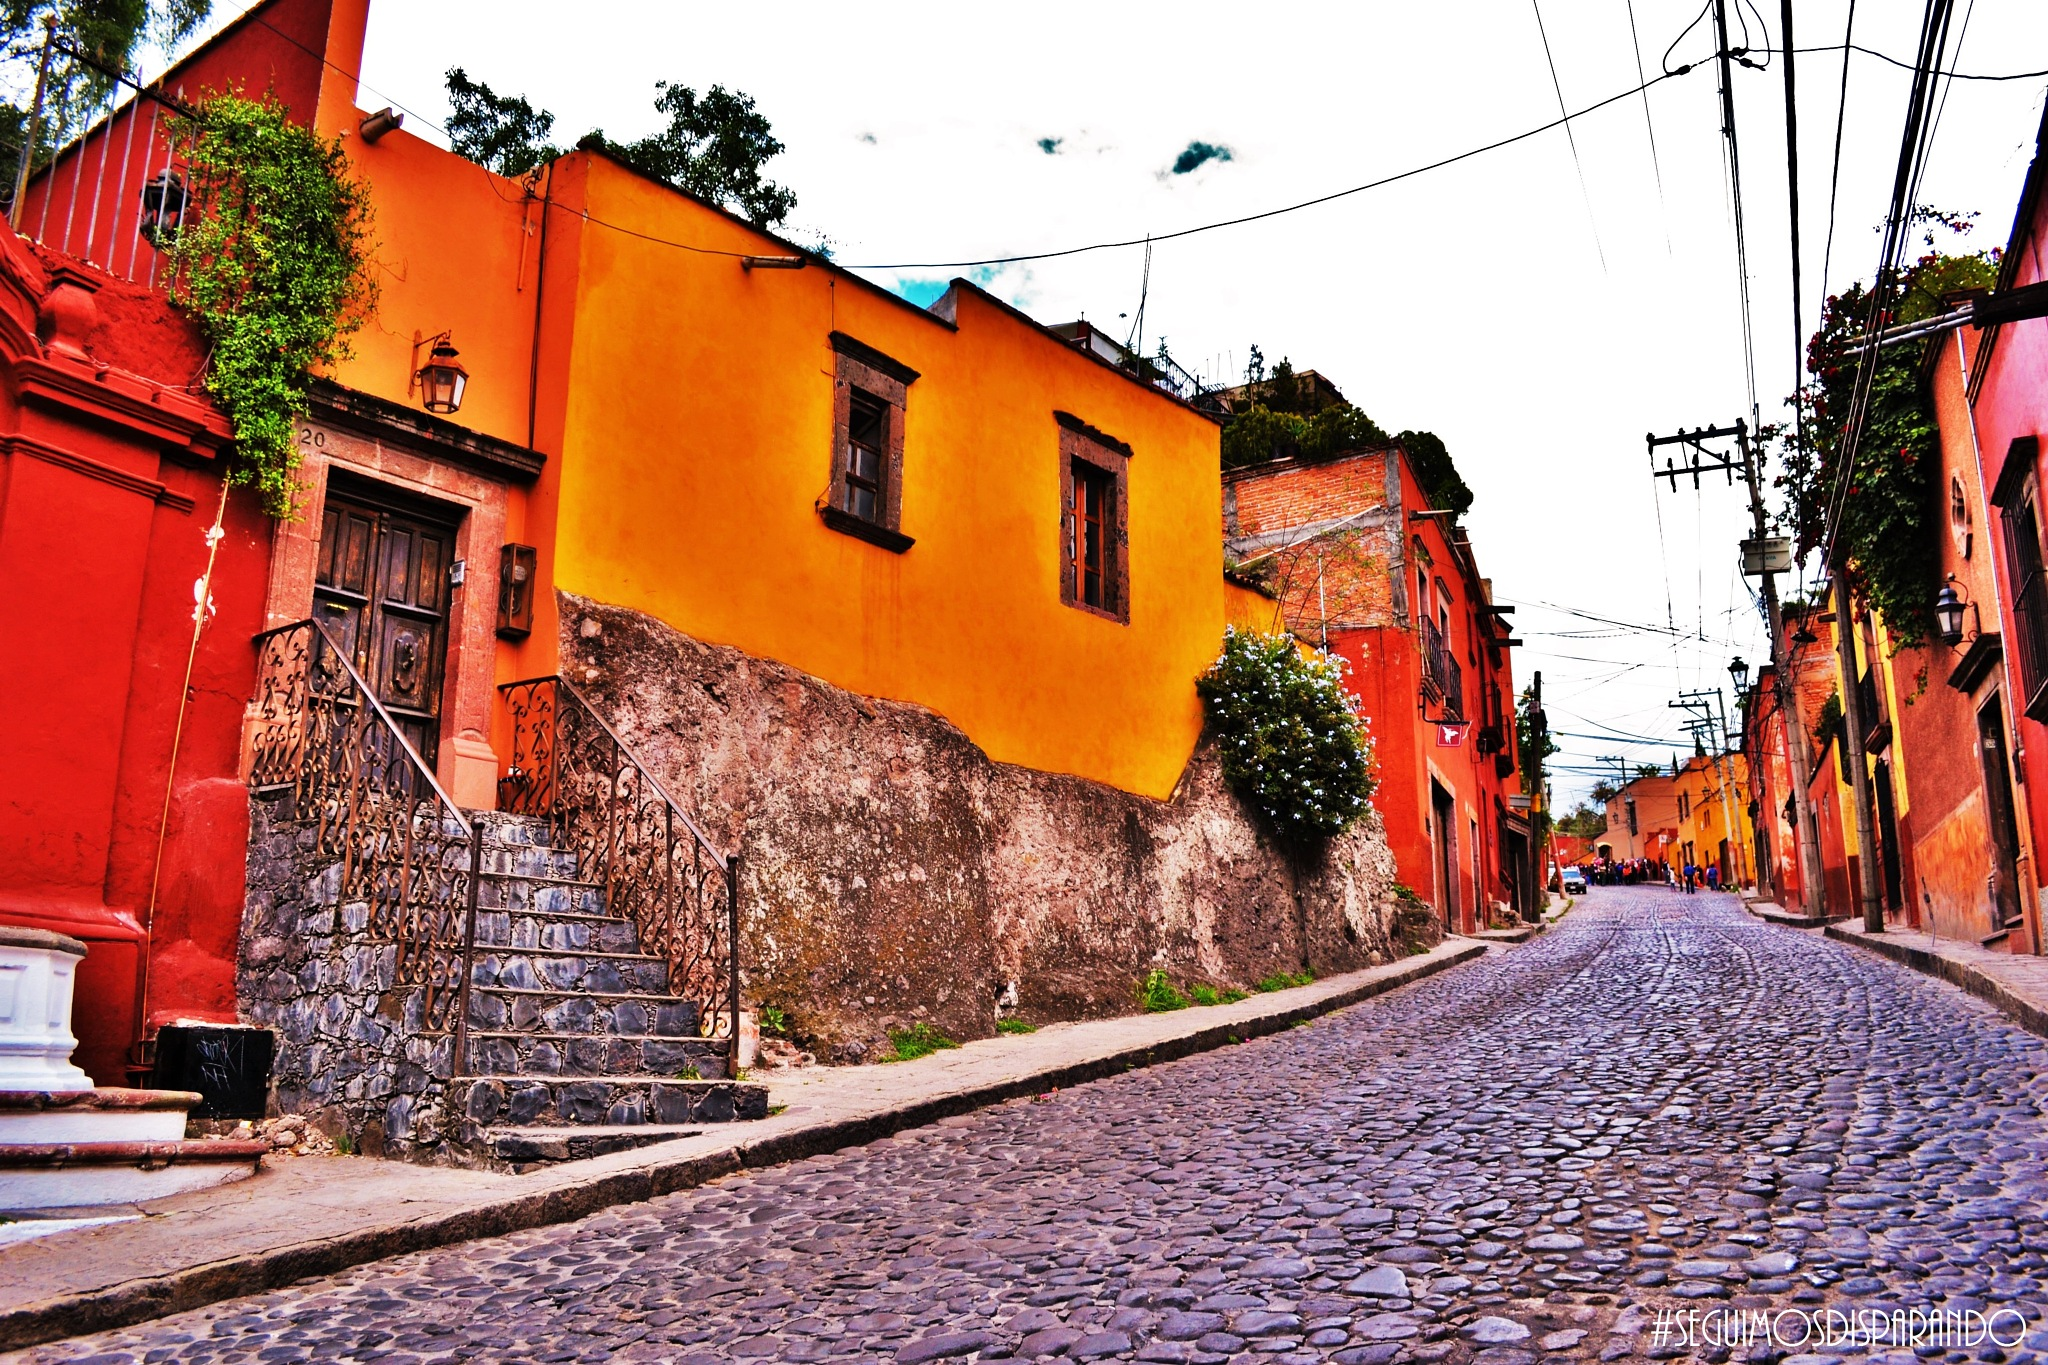 la calle by Kevin D. López Hernández